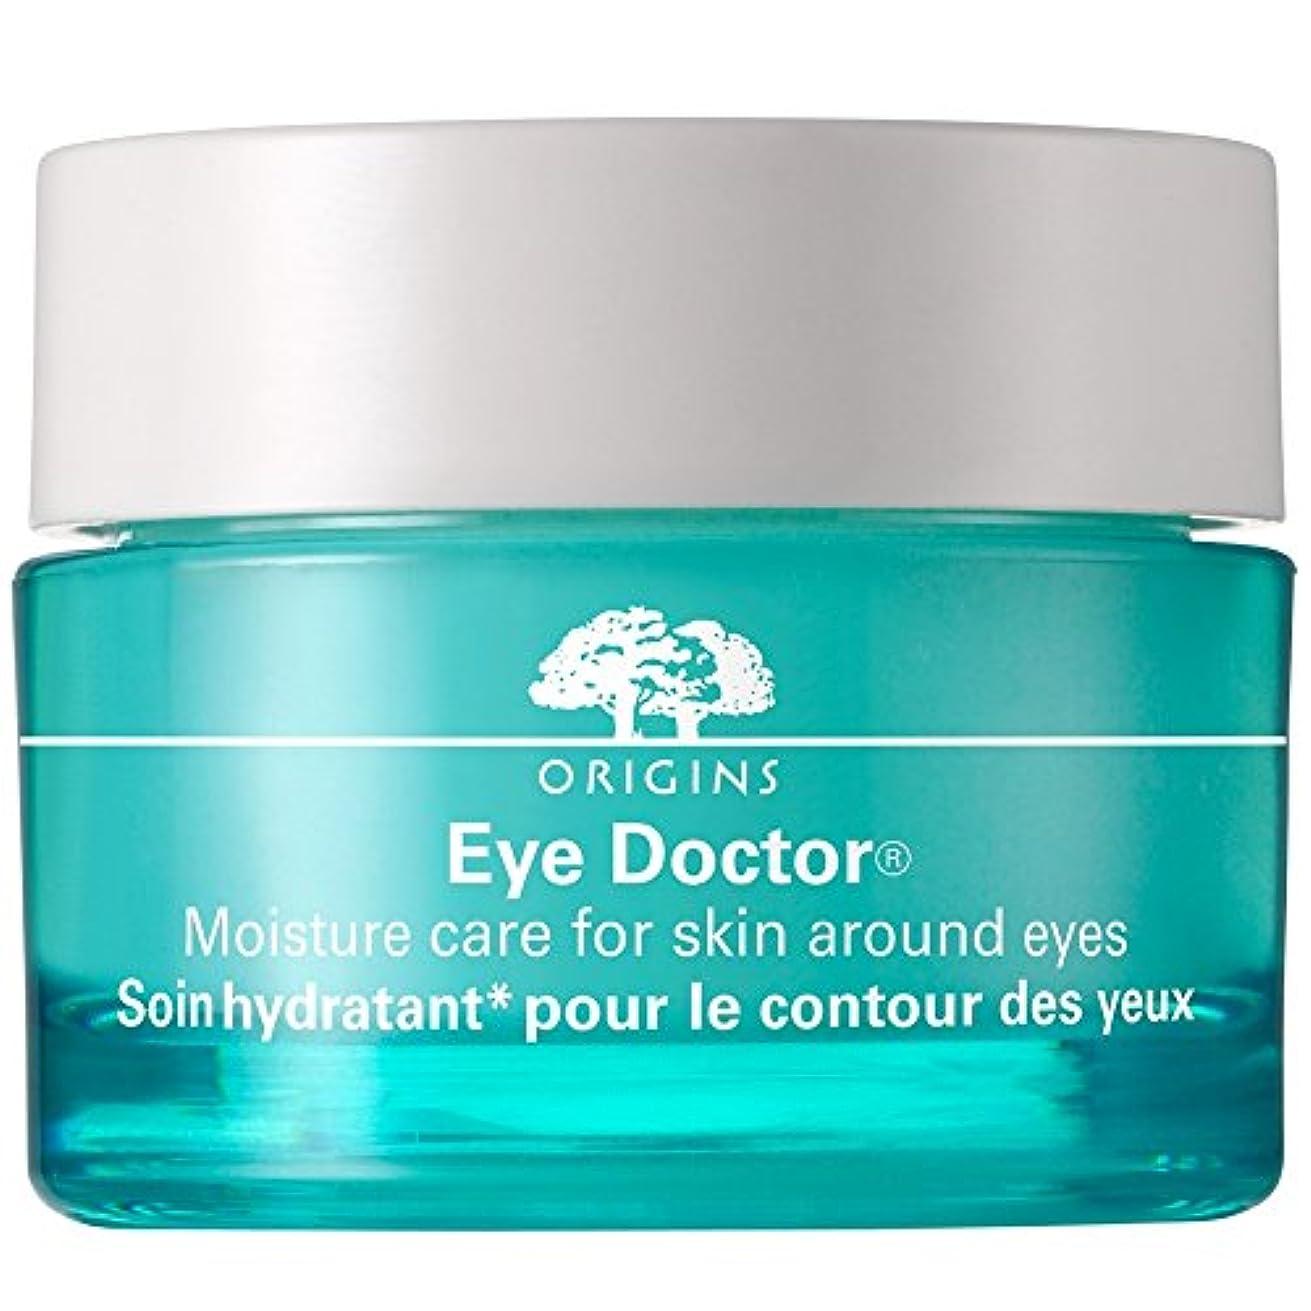 持つ偏心不十分な目の15ミリリットルの周りの肌のための水分ケアDoctor?起源目 (Origins) (x6) - Origins Eye Doctor? Moisture Care For Skin Around Eyes 15ml...